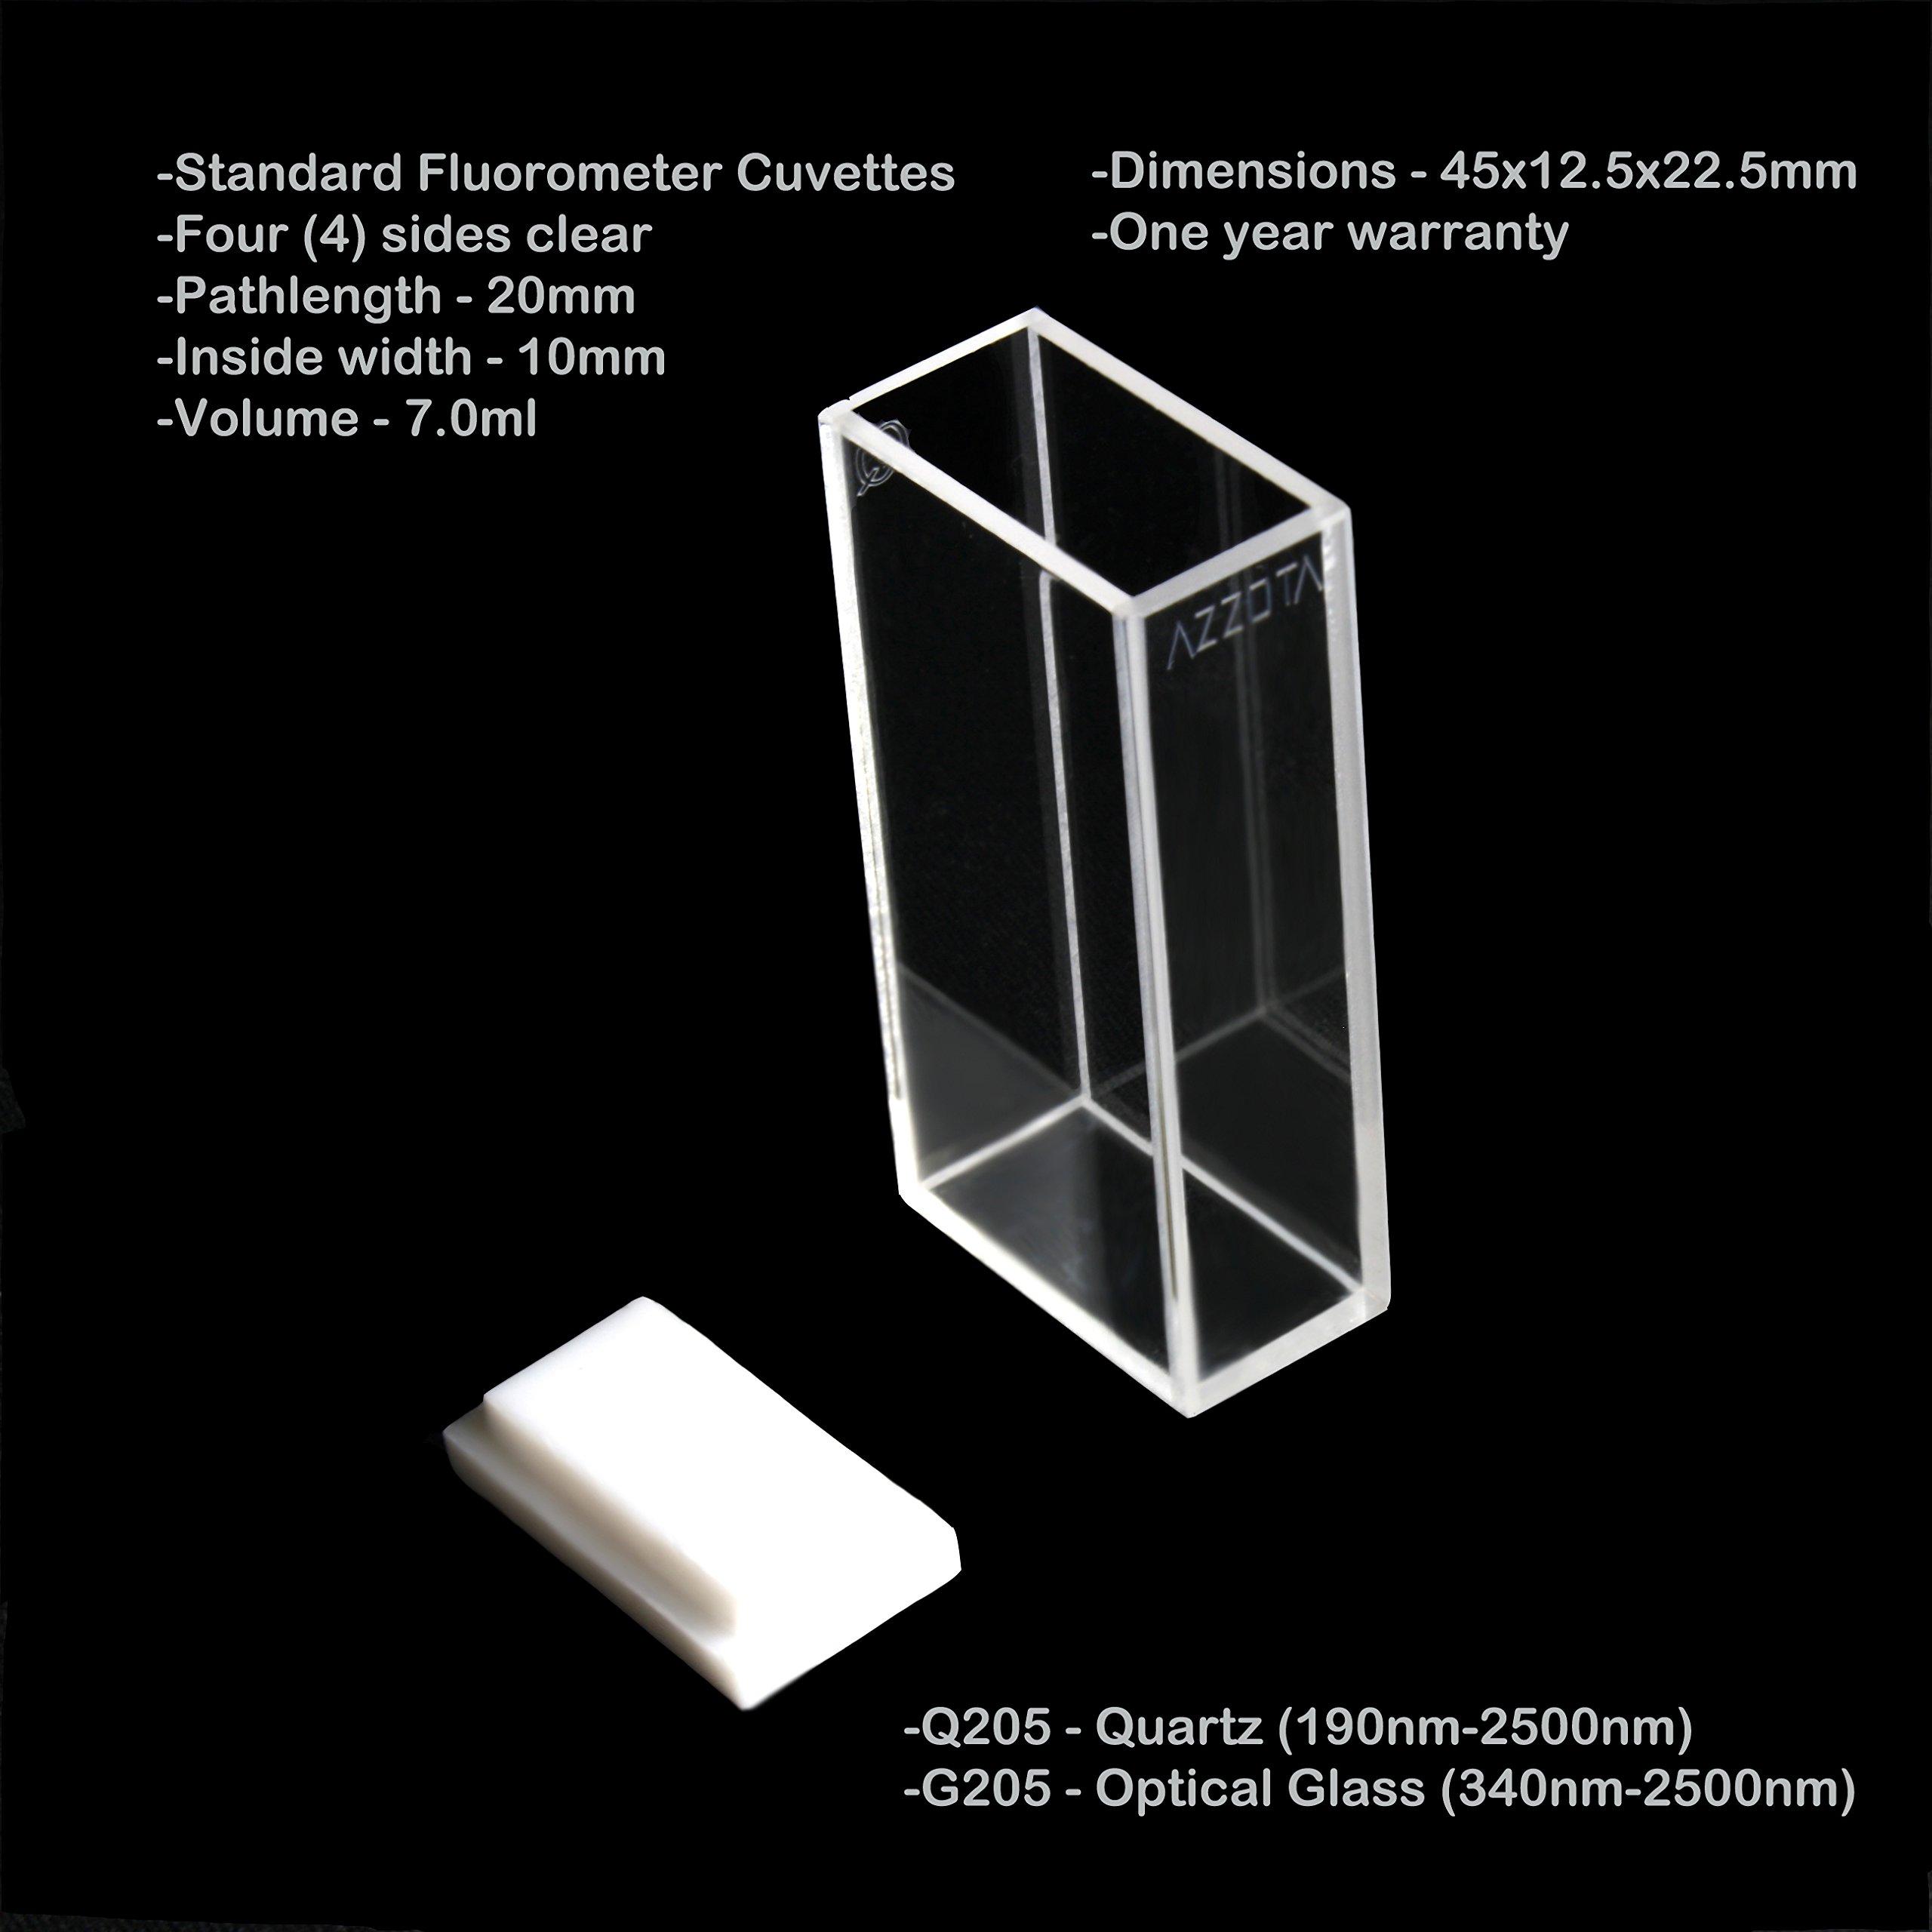 20mm Pathlength Standard Fluorometer Cuvettes - 7ml Quartz